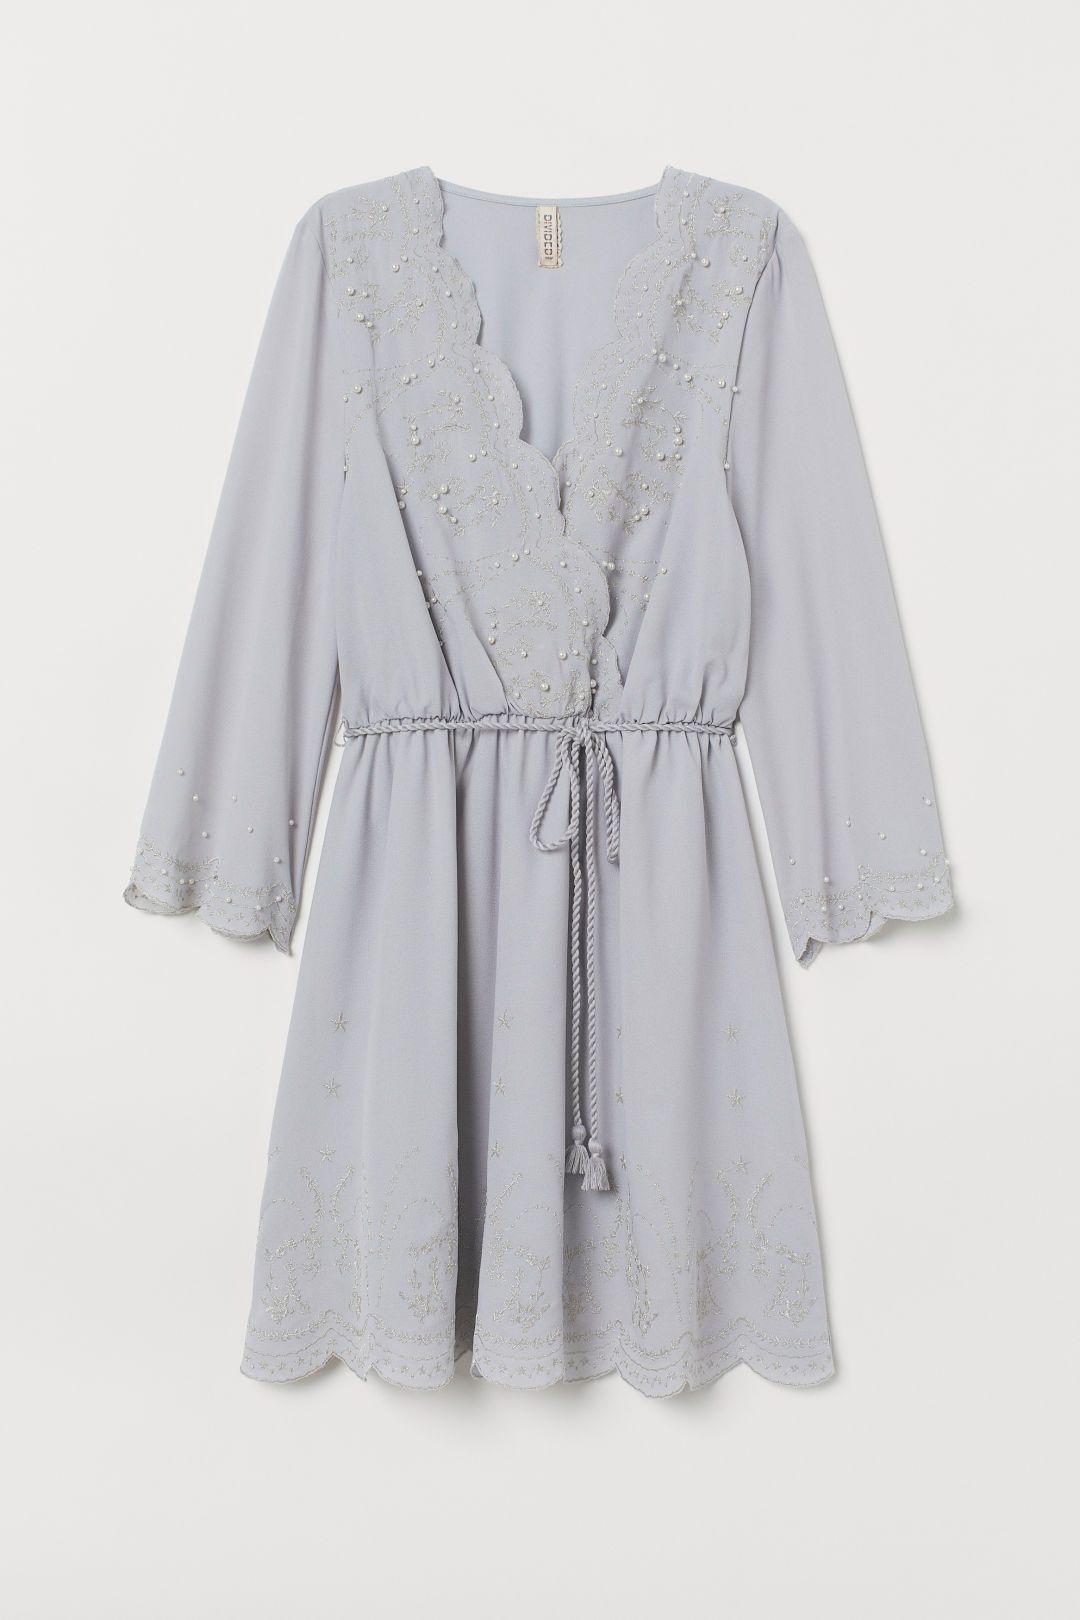 Kleid mit Stickereien (mit Bildern)  Kleider, Chiffon kleid